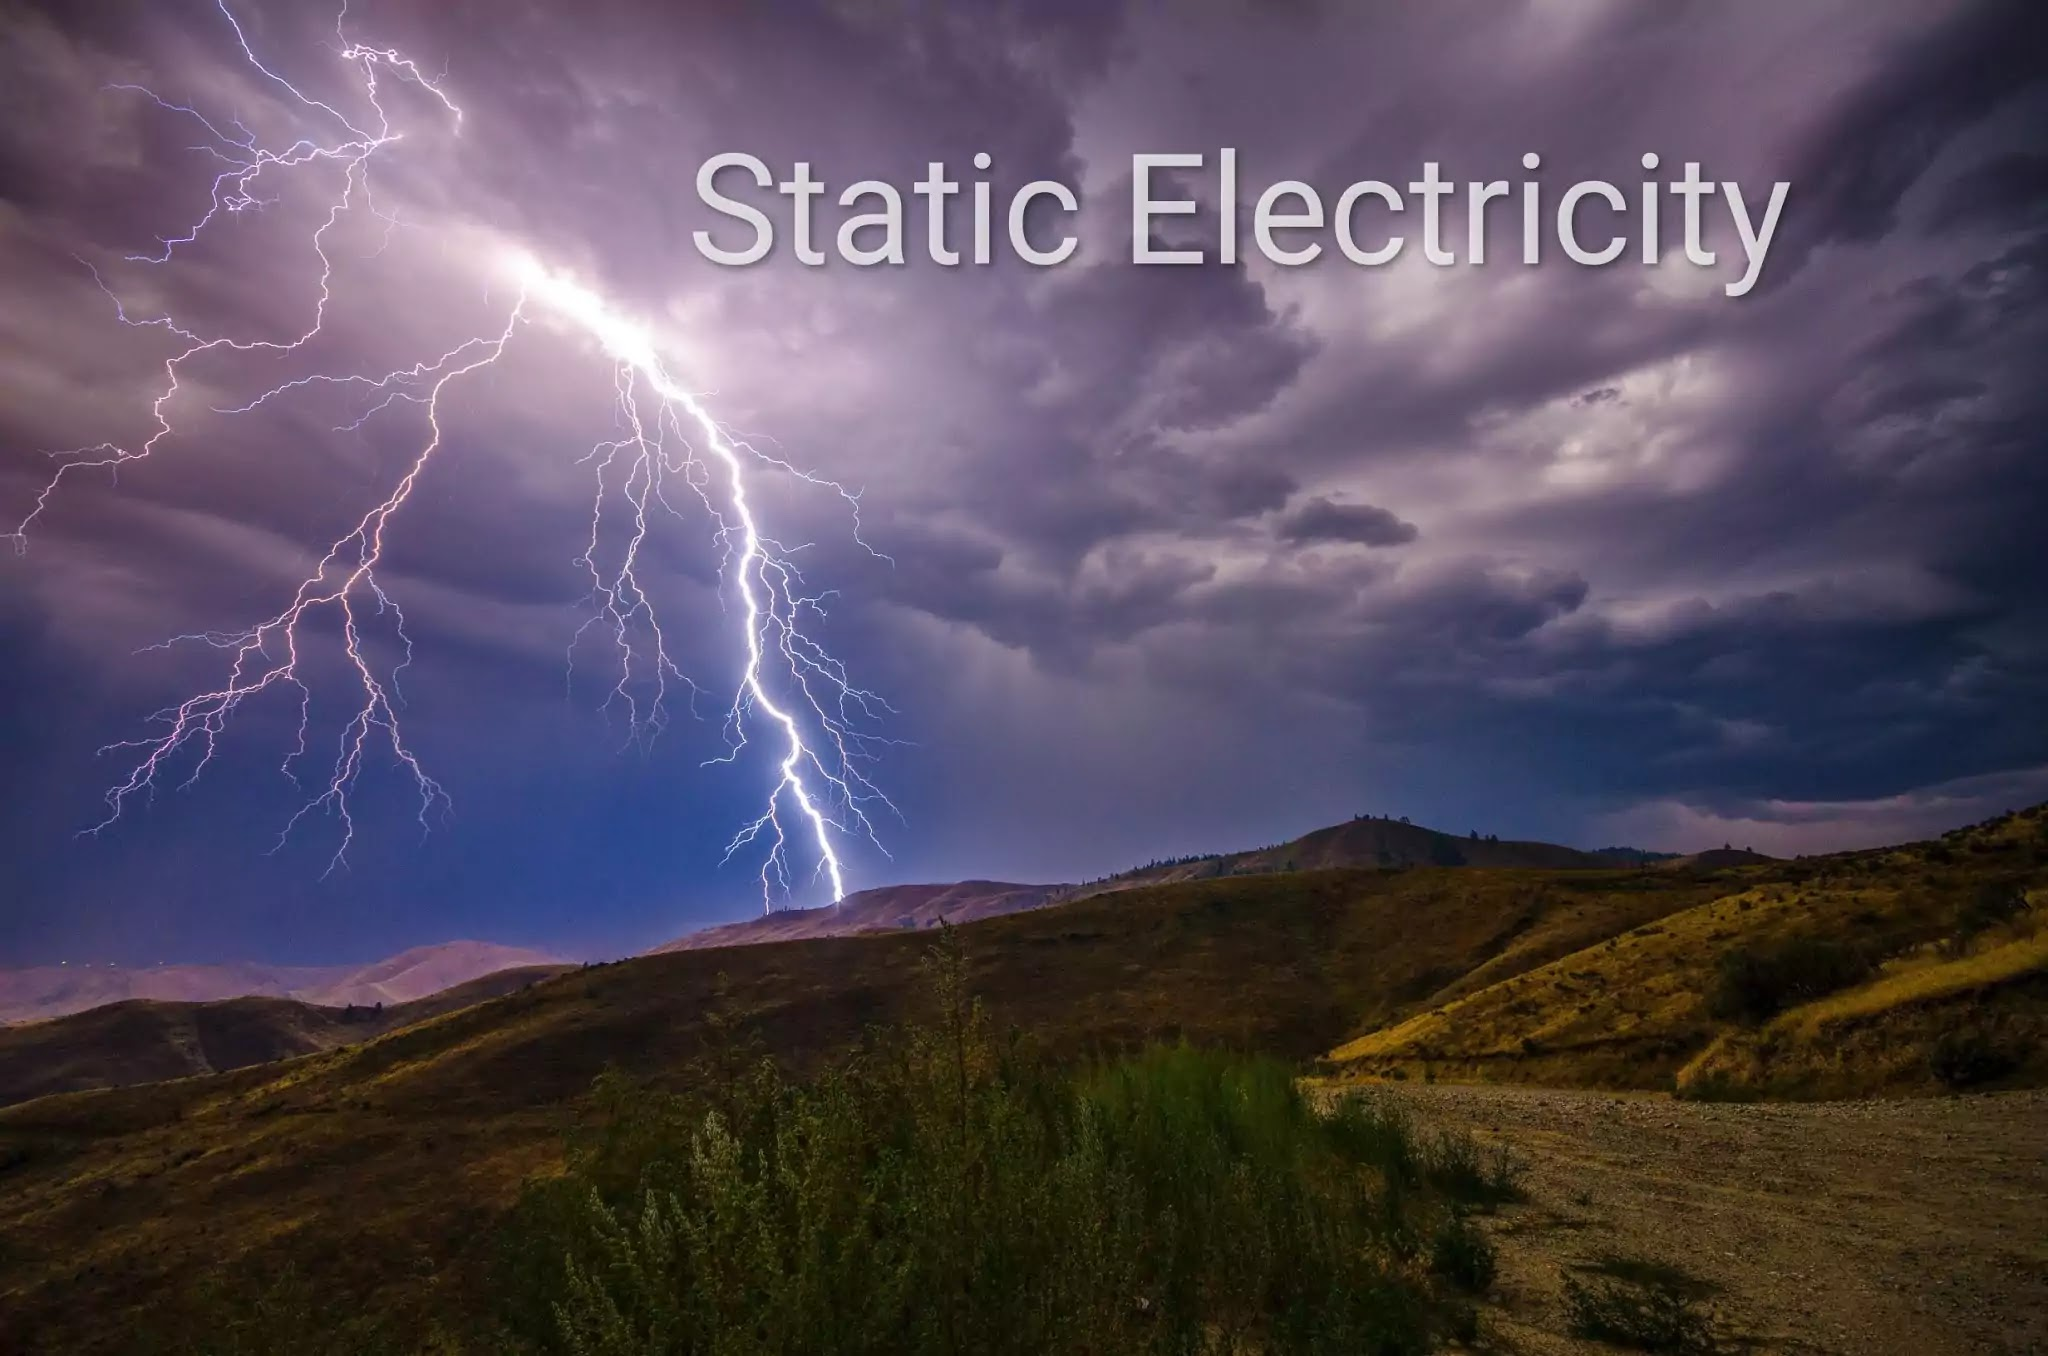 Static Electricity in Hindi | स्थैतिक इलेक्ट्रिसिटी | Engineer Dost